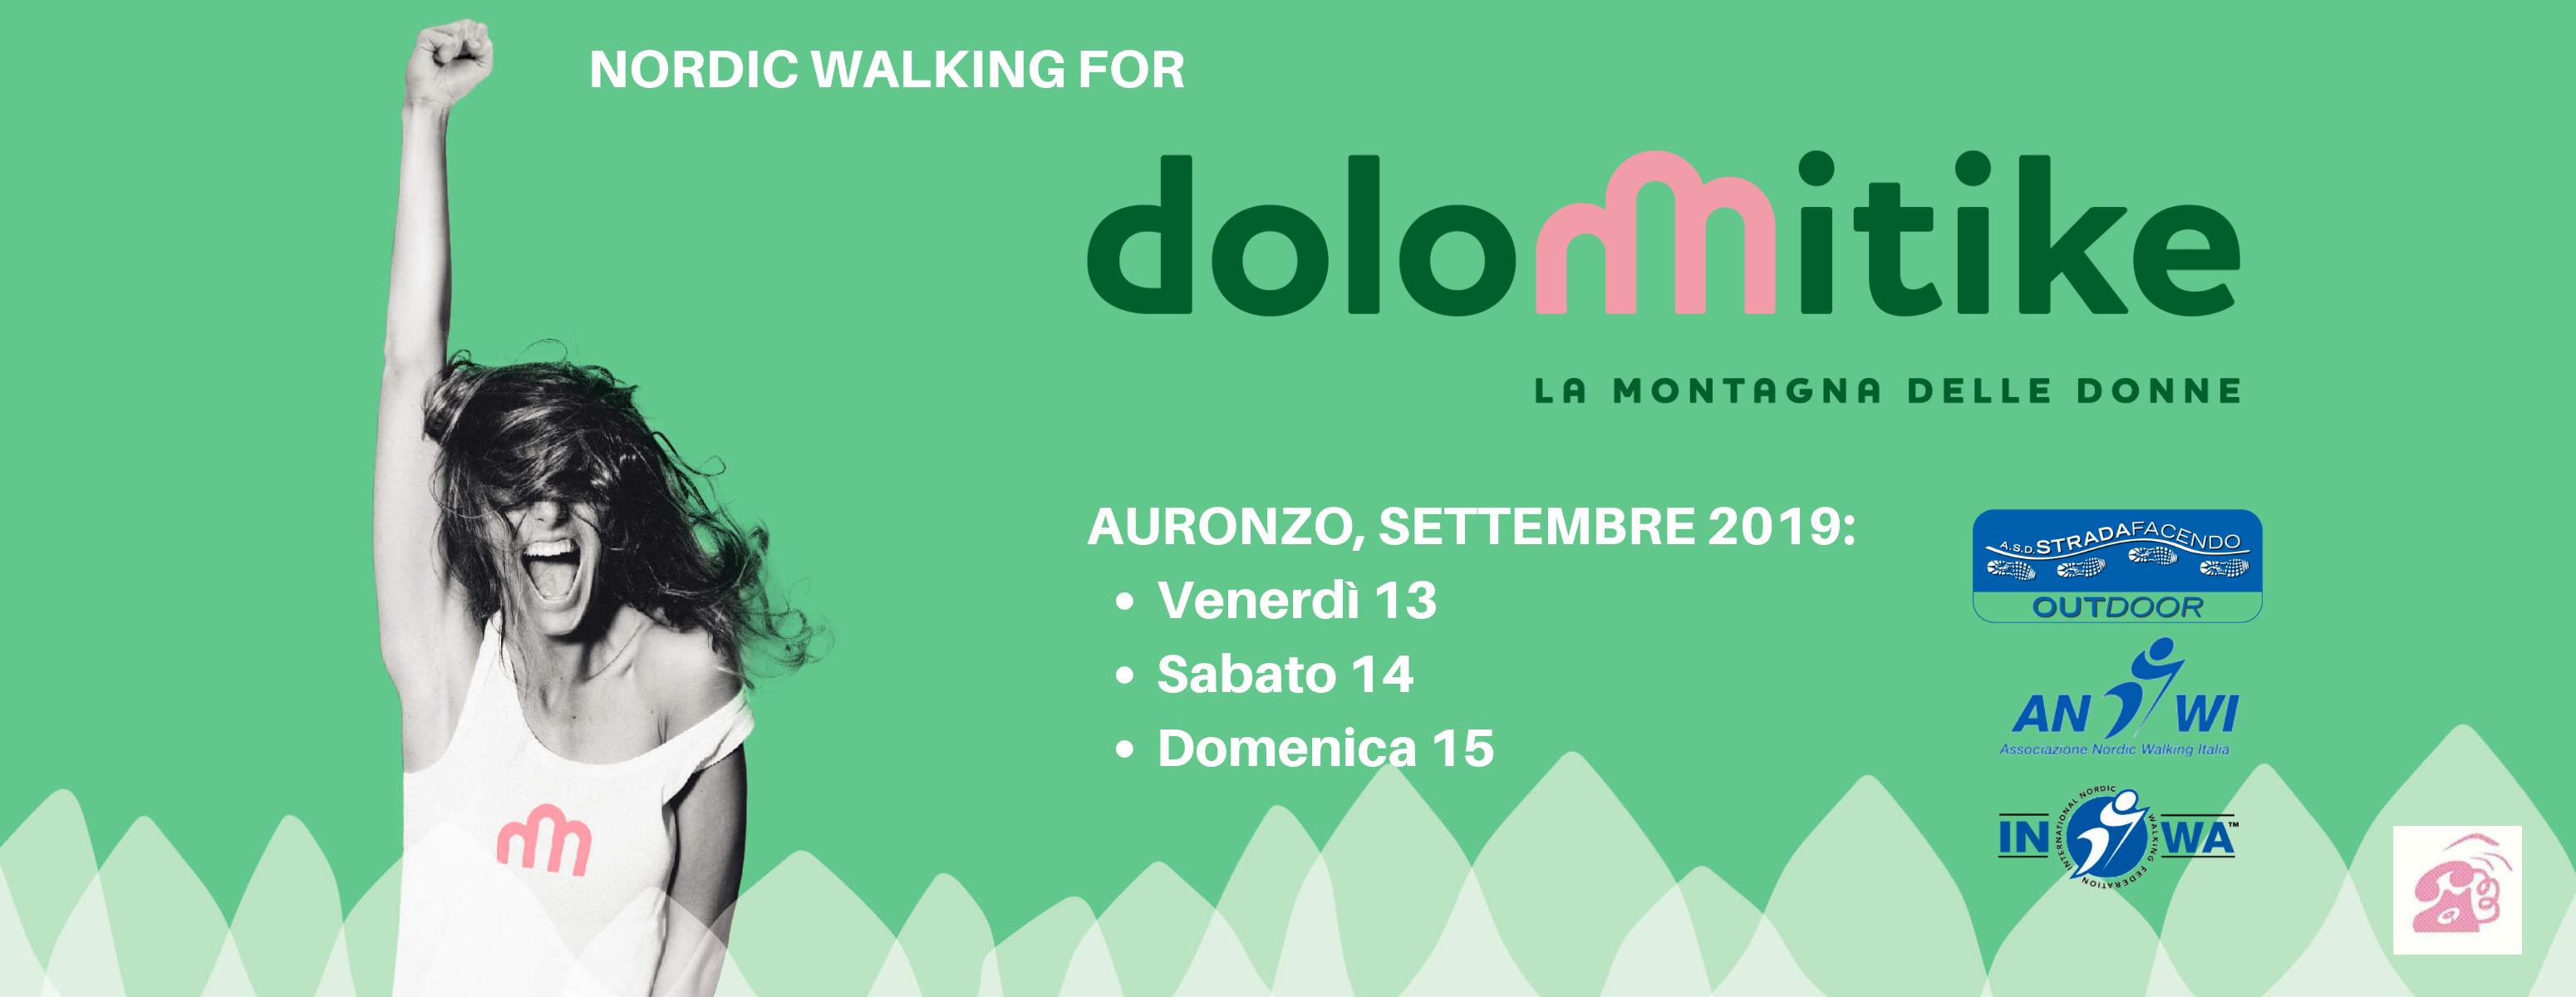 nordic walking dolomitike